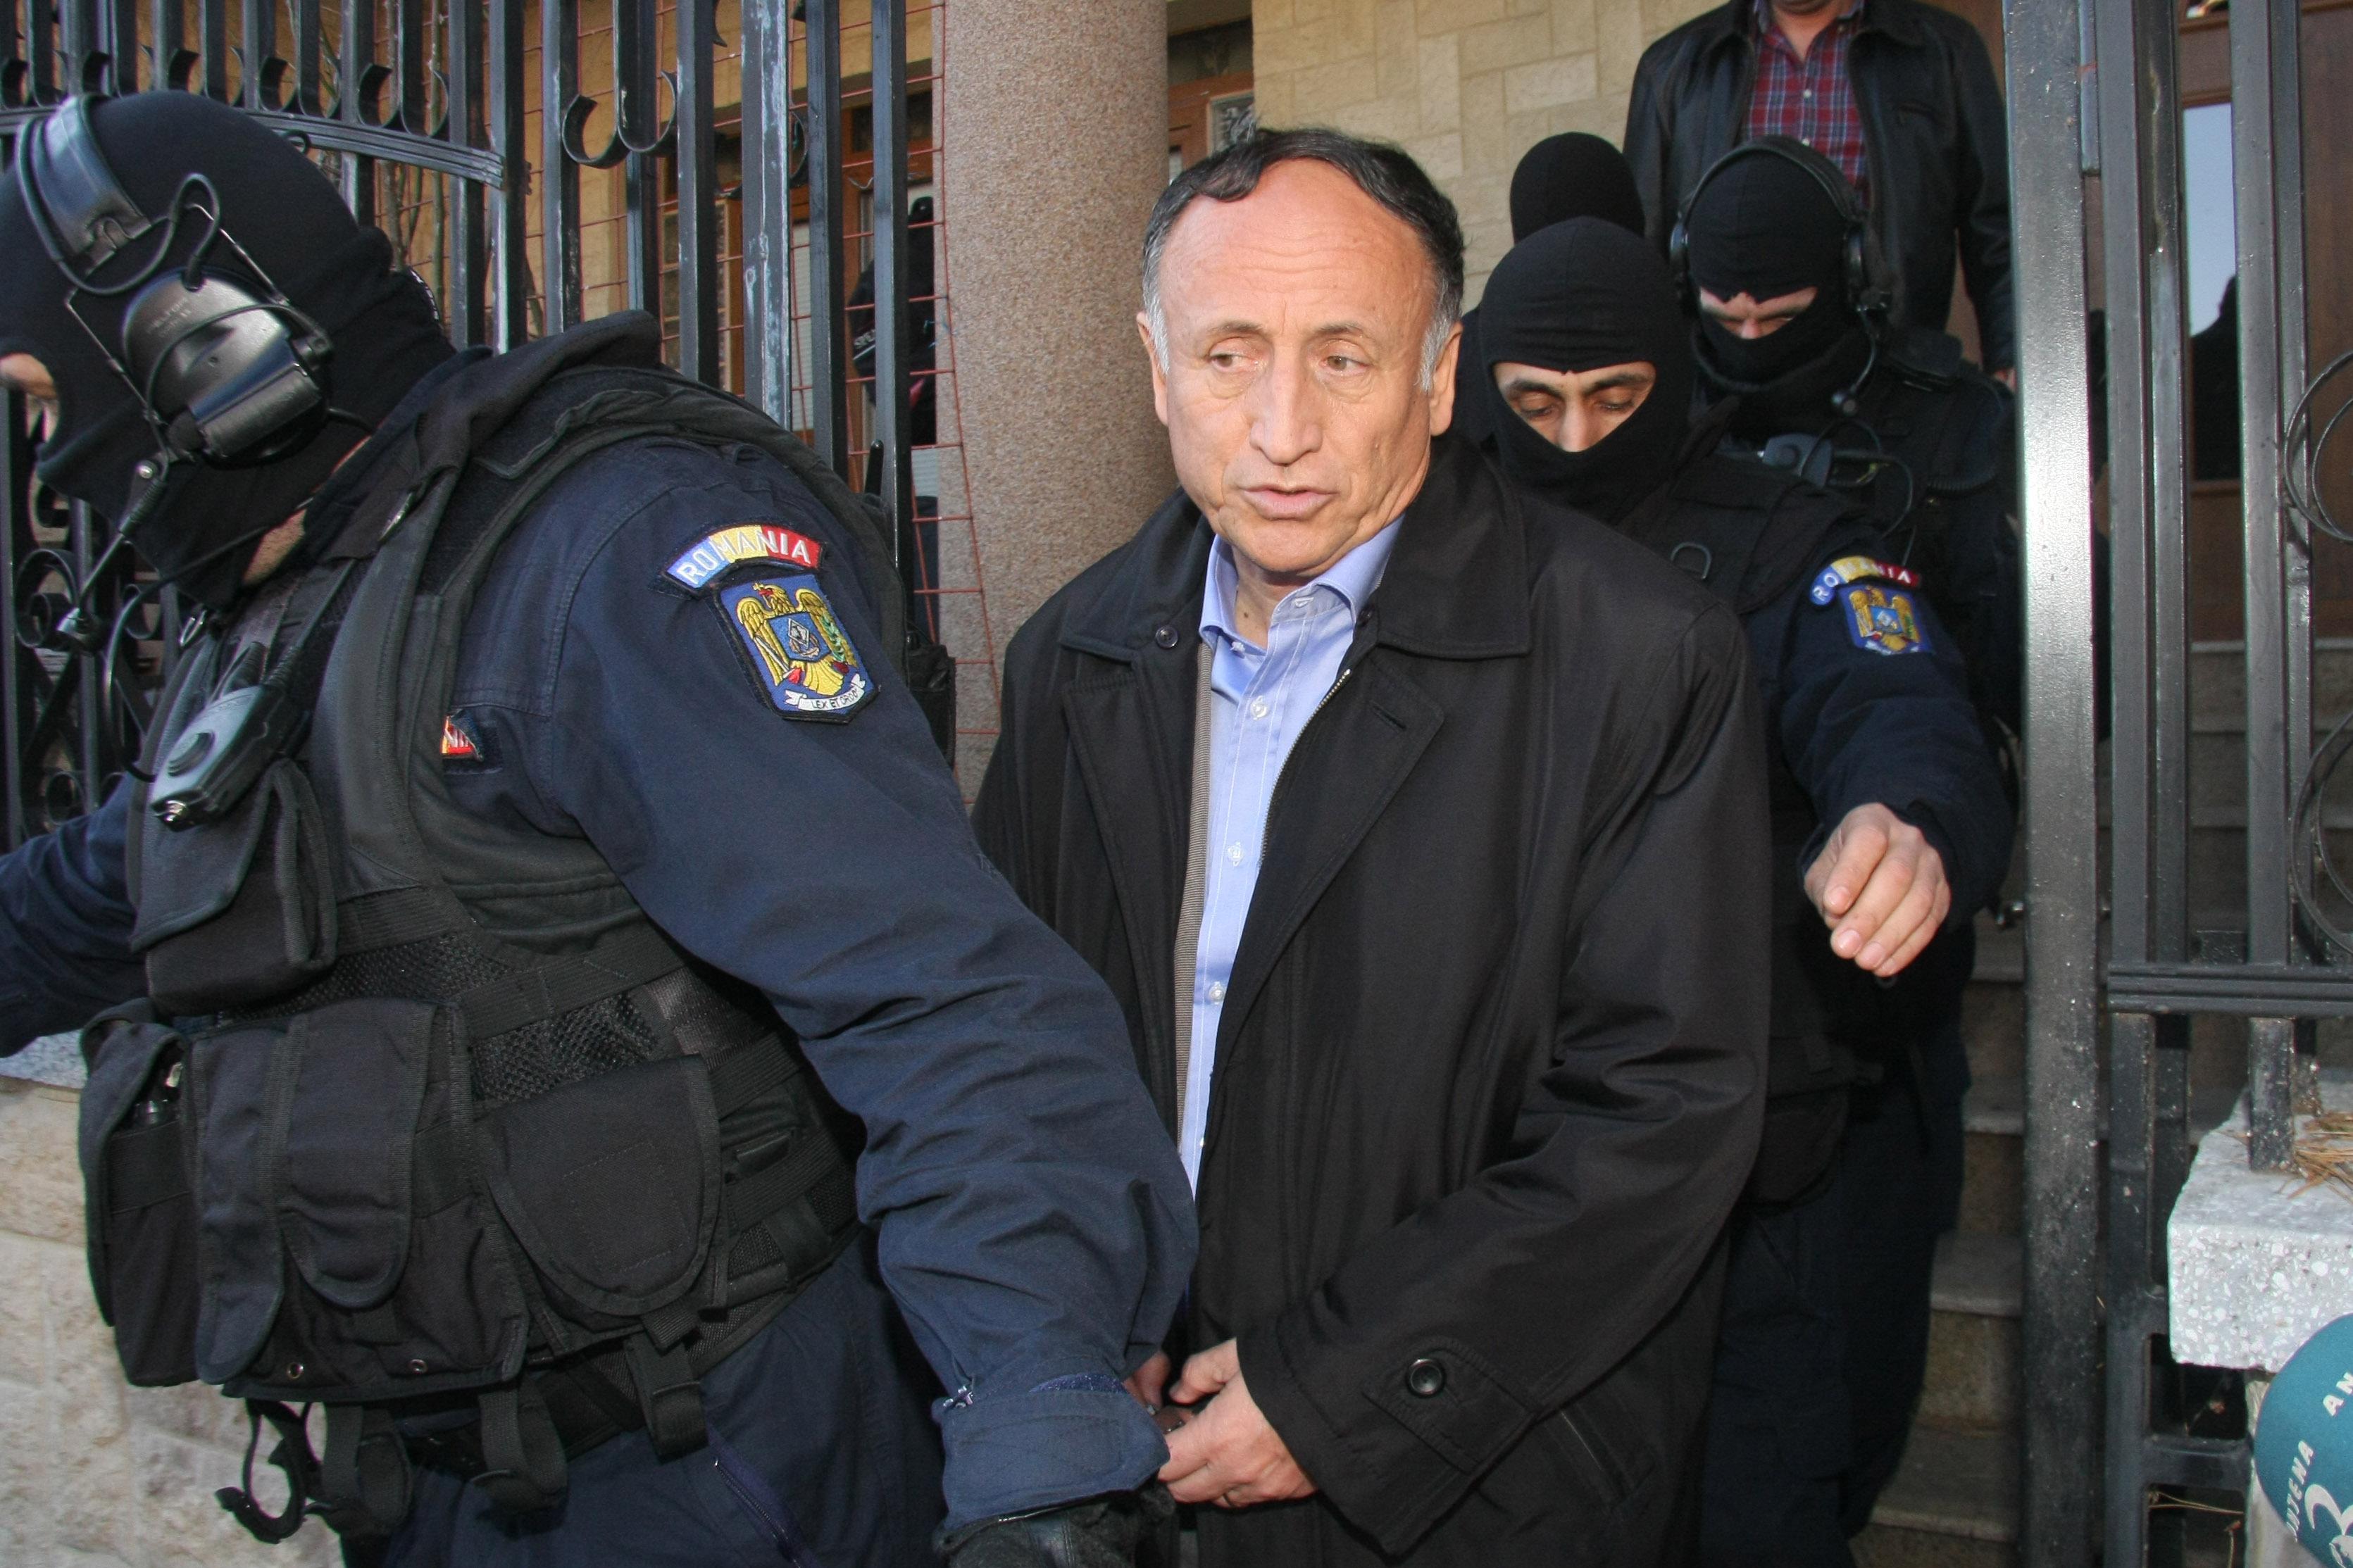 Primariul Pitestiului, arestat preventiv intr-un dosar de coruptie. Fiica sa, sub control judiciar